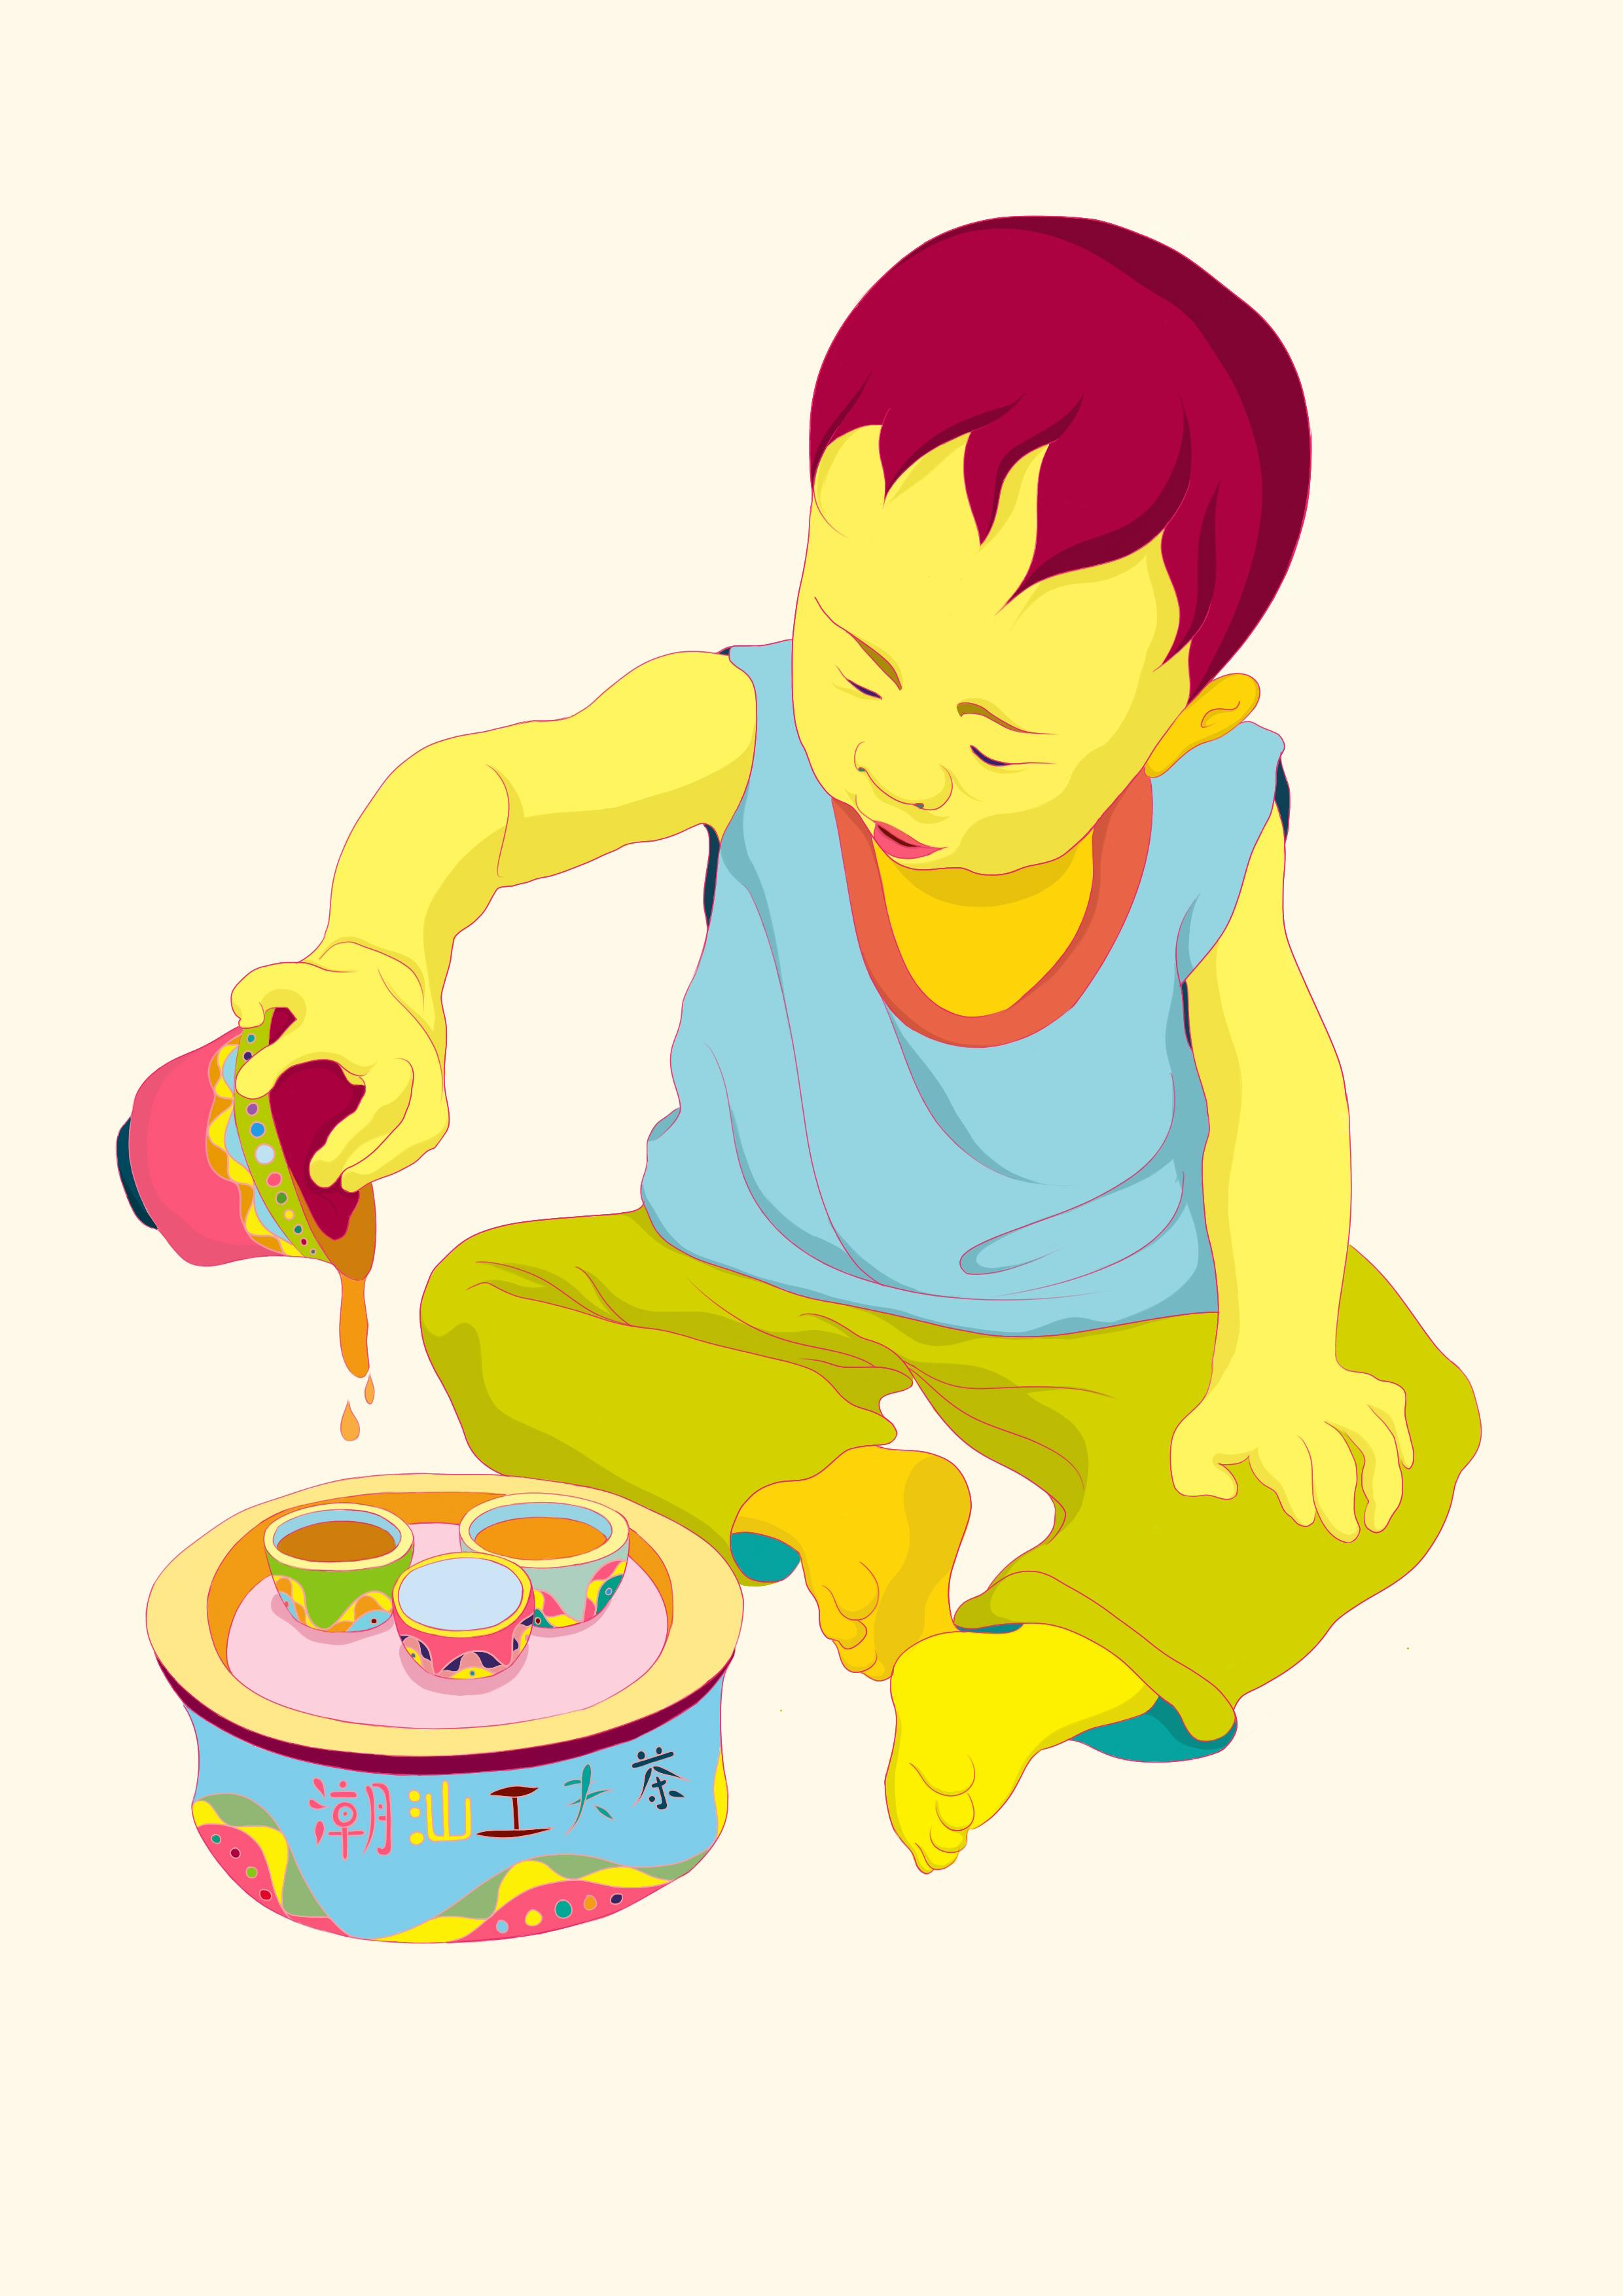 潮汕功夫茶手绘